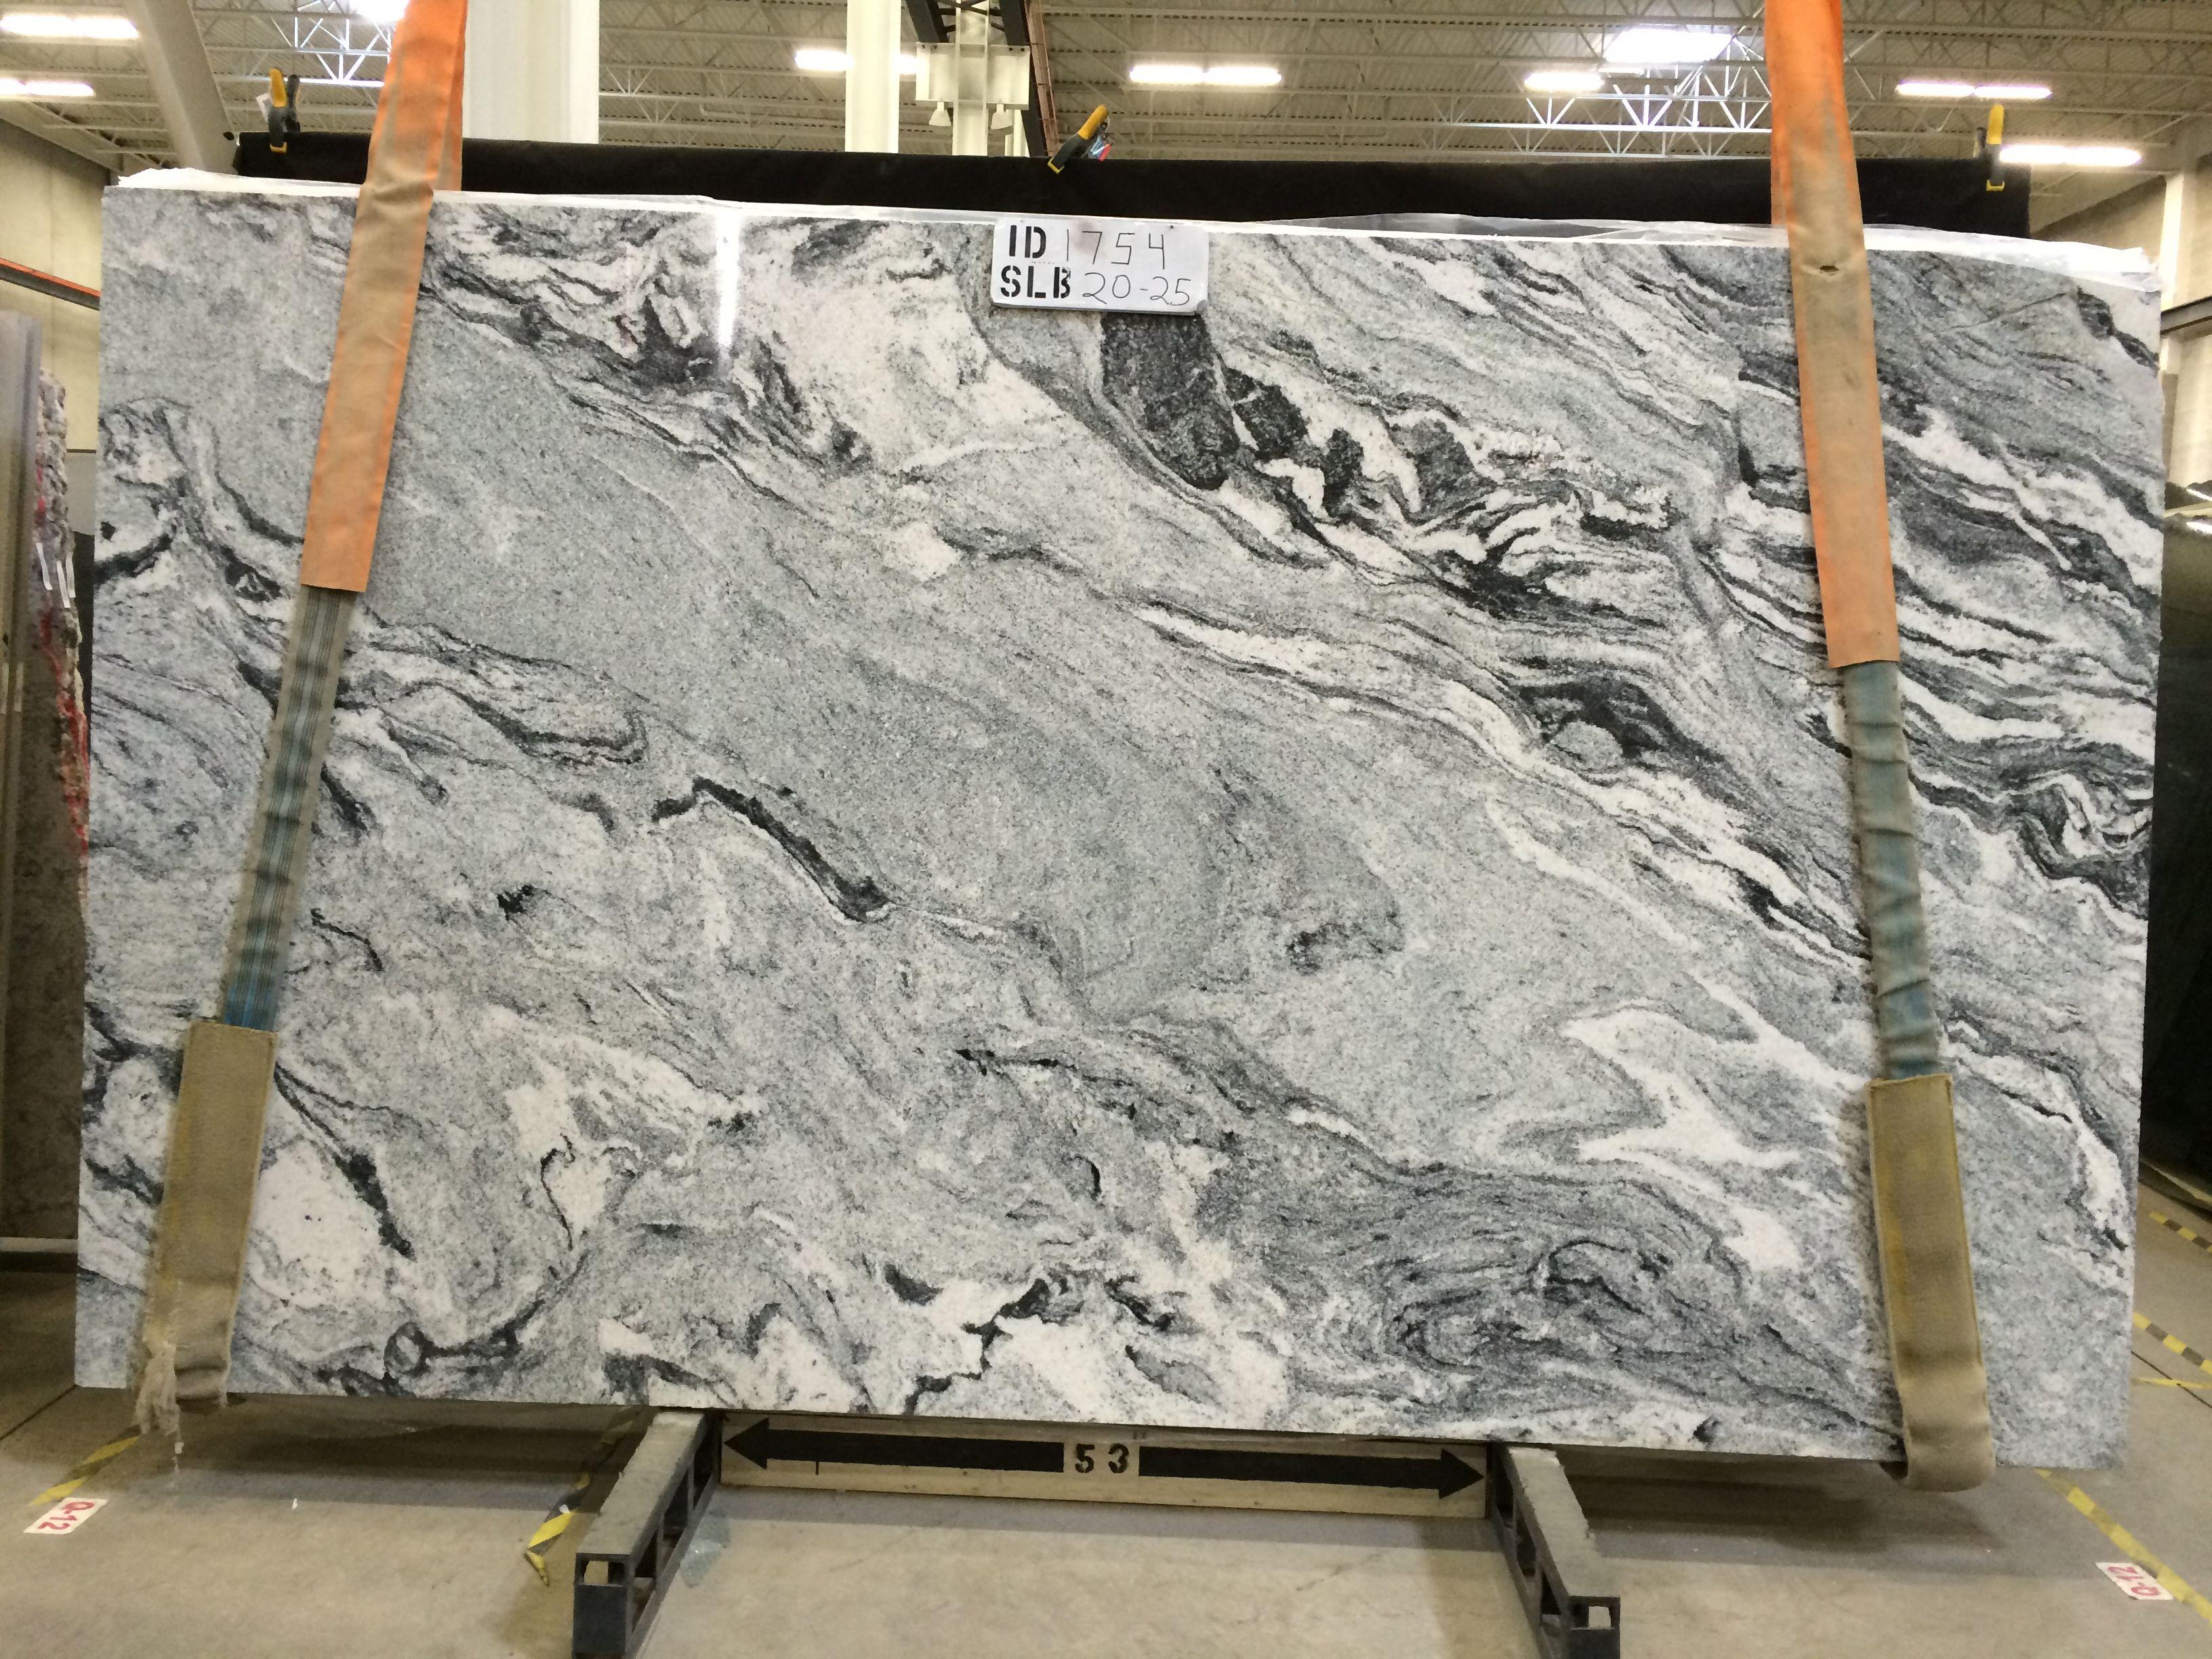 Exotic Granite Slabs for Sale in Canada - Hilltop Granites ...